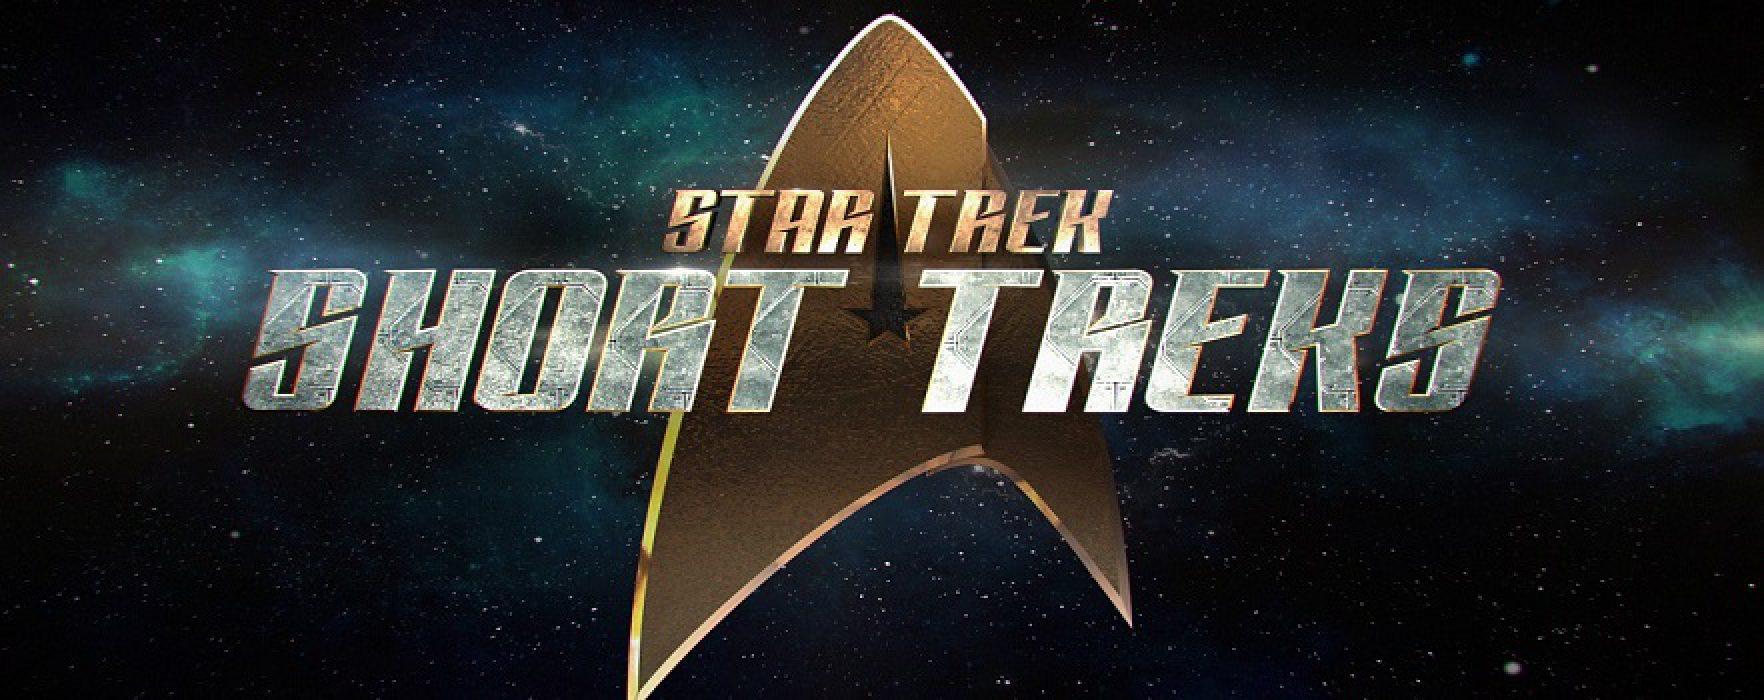 Star Trek: Short Treks Begin in October